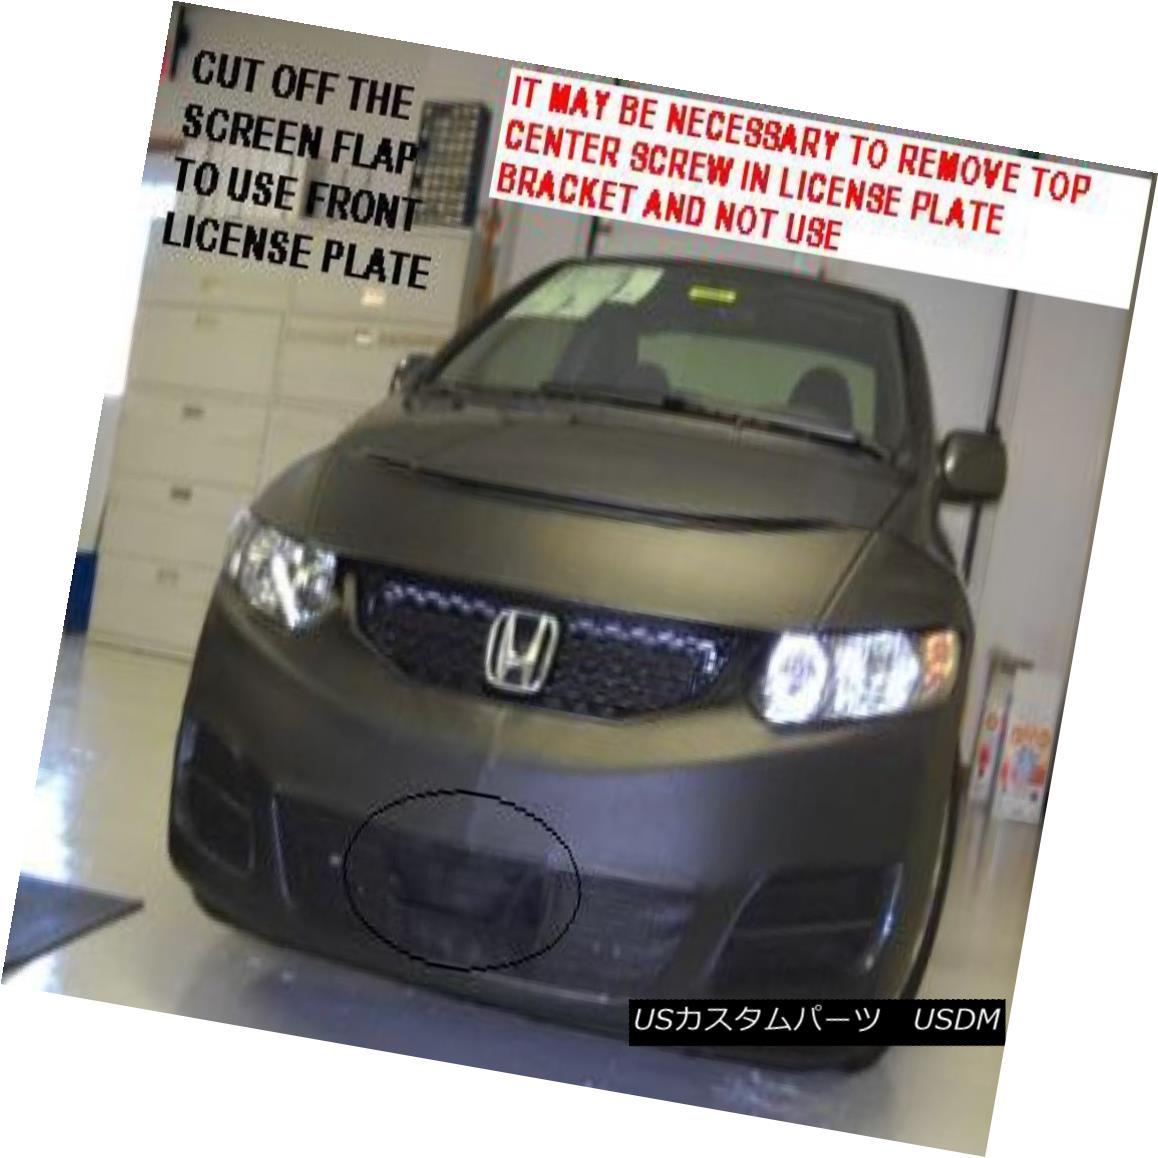 フルブラ ノーズブラ Lebra Front End Mask Cover Bra Fits Honda Civic Coupe 2009 thru 2011 09 10 11 Lebraフロントエンドマスクカバーブラはホンダシビッククーペに適合2009年から2011年09 10 11